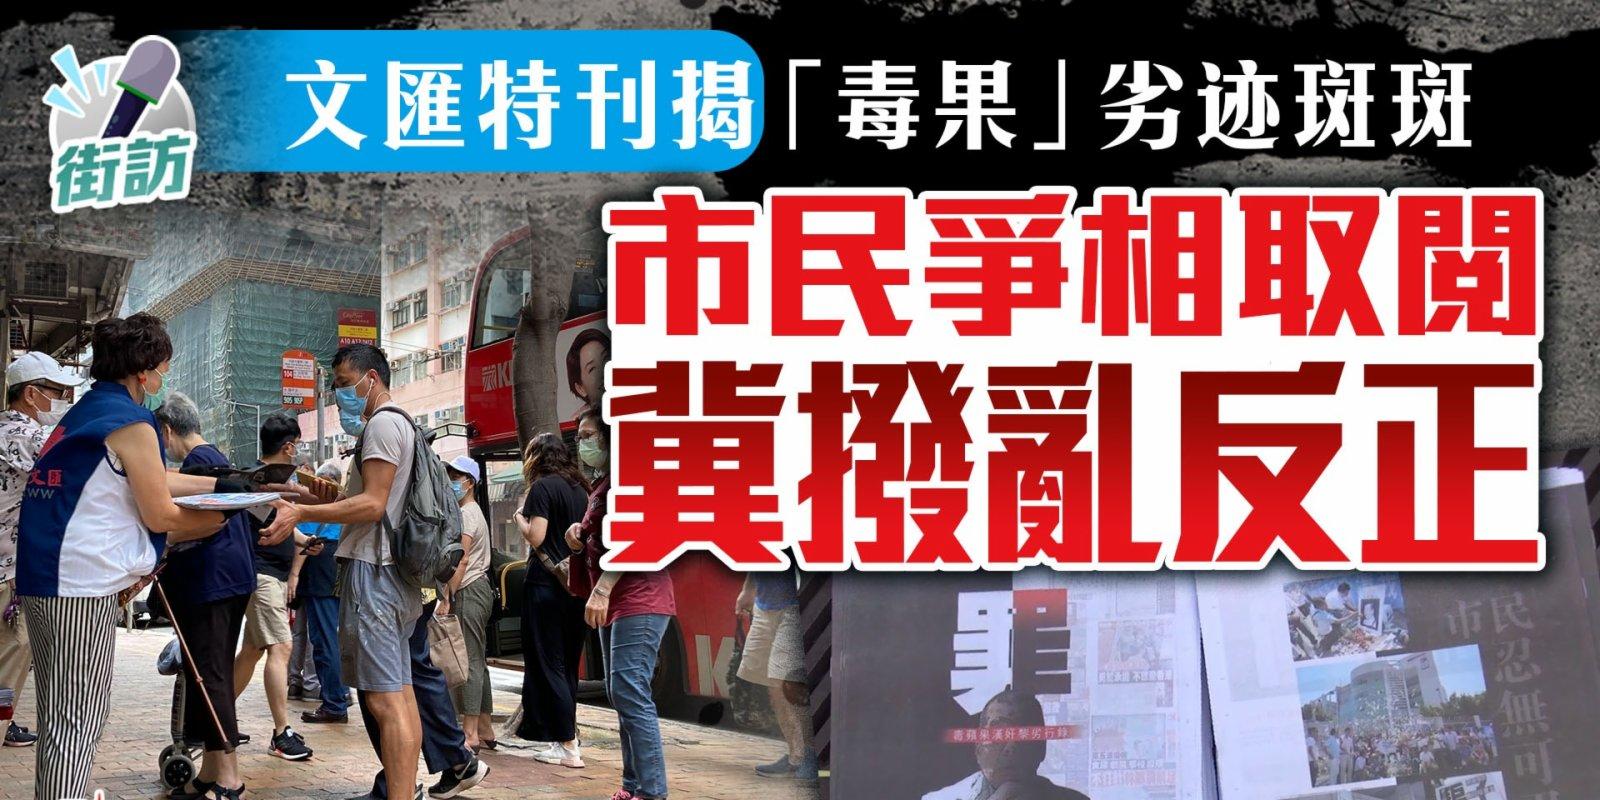 街訪|文匯特刊揭「毒果」劣跡斑斑  市民爭相取閱冀撥亂反正